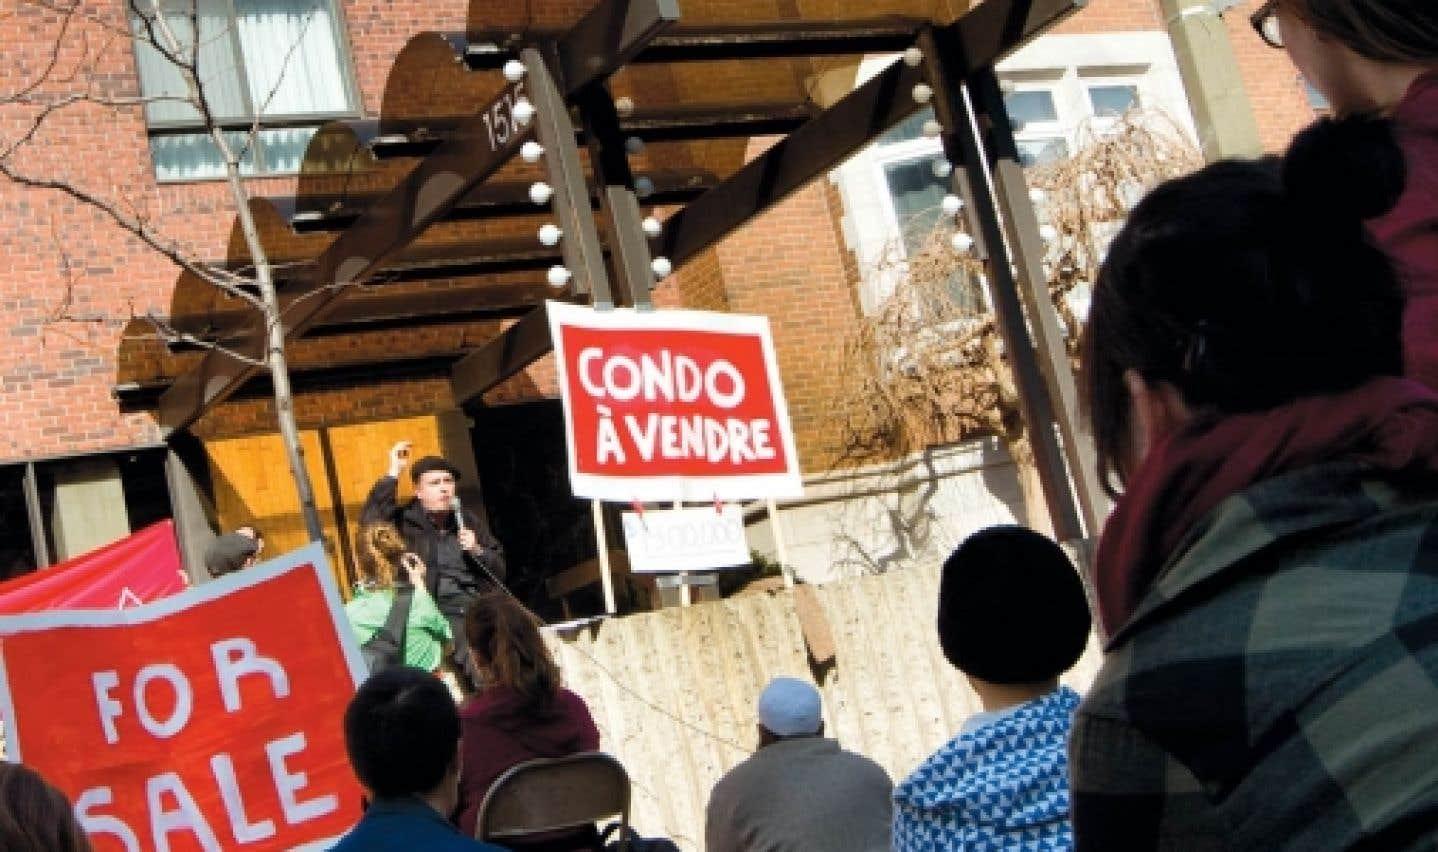 Lutte contre la hausse des droits de scolarité - Les camps se radicalisent